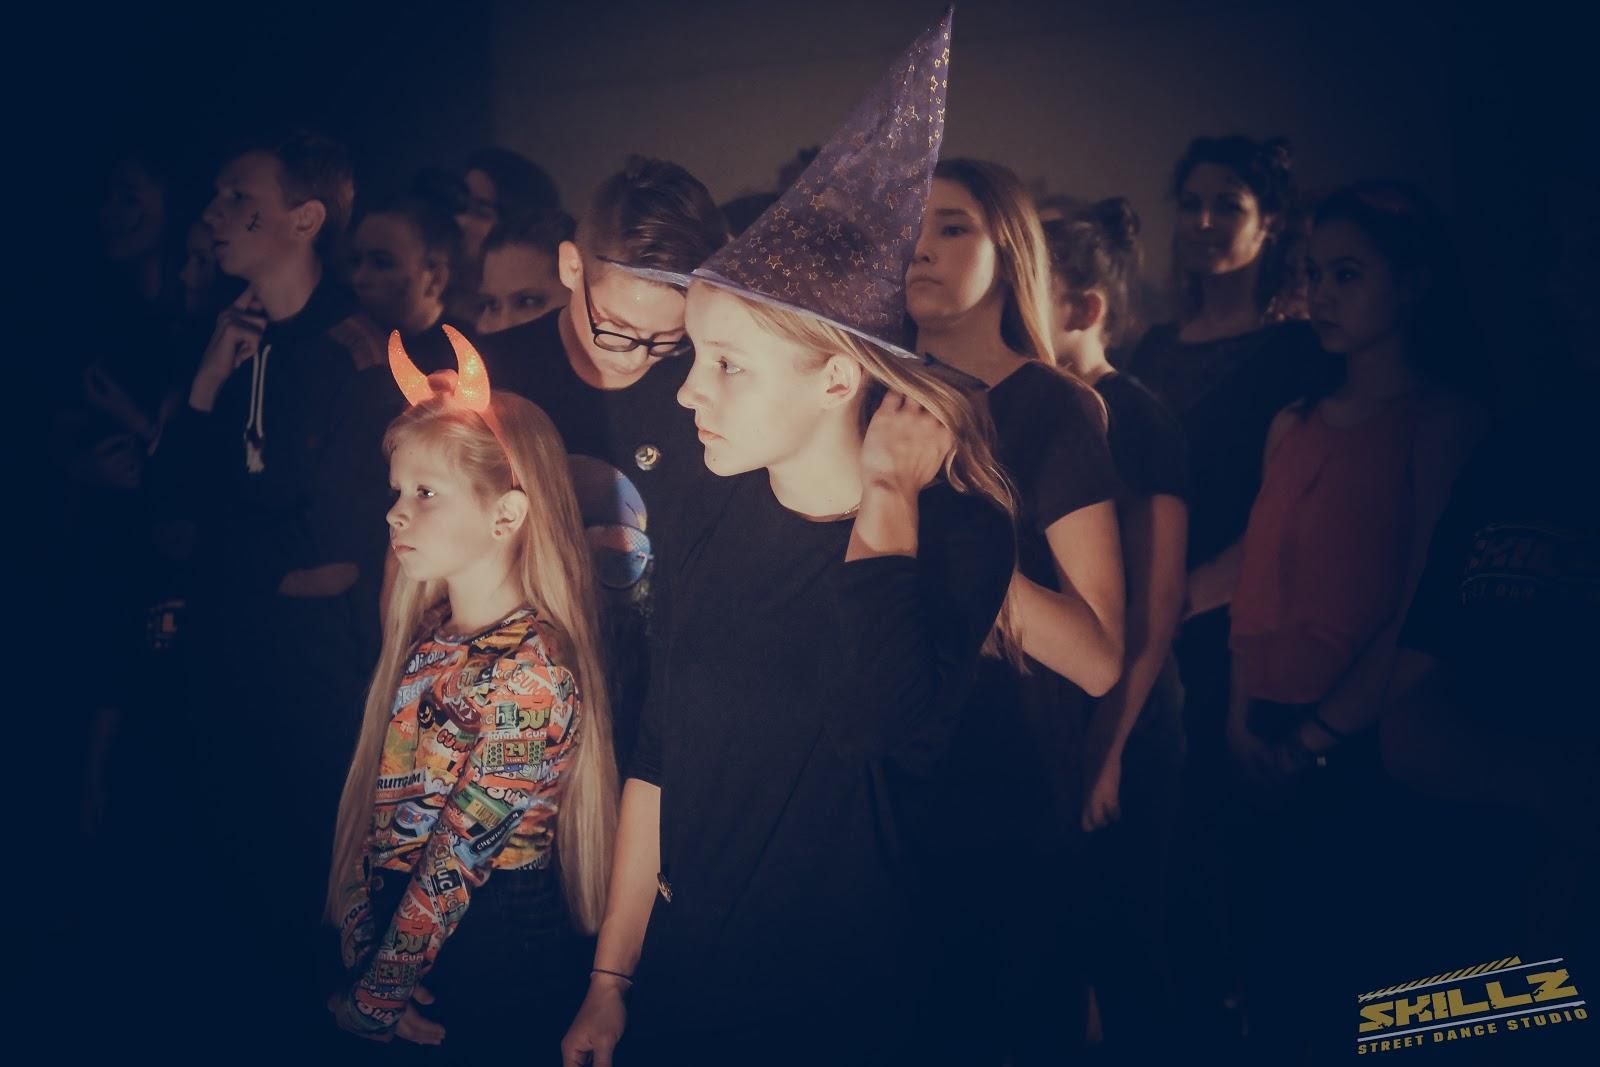 Naujikų krikštynos @SKILLZ (Halloween tema) - PANA1908.jpg